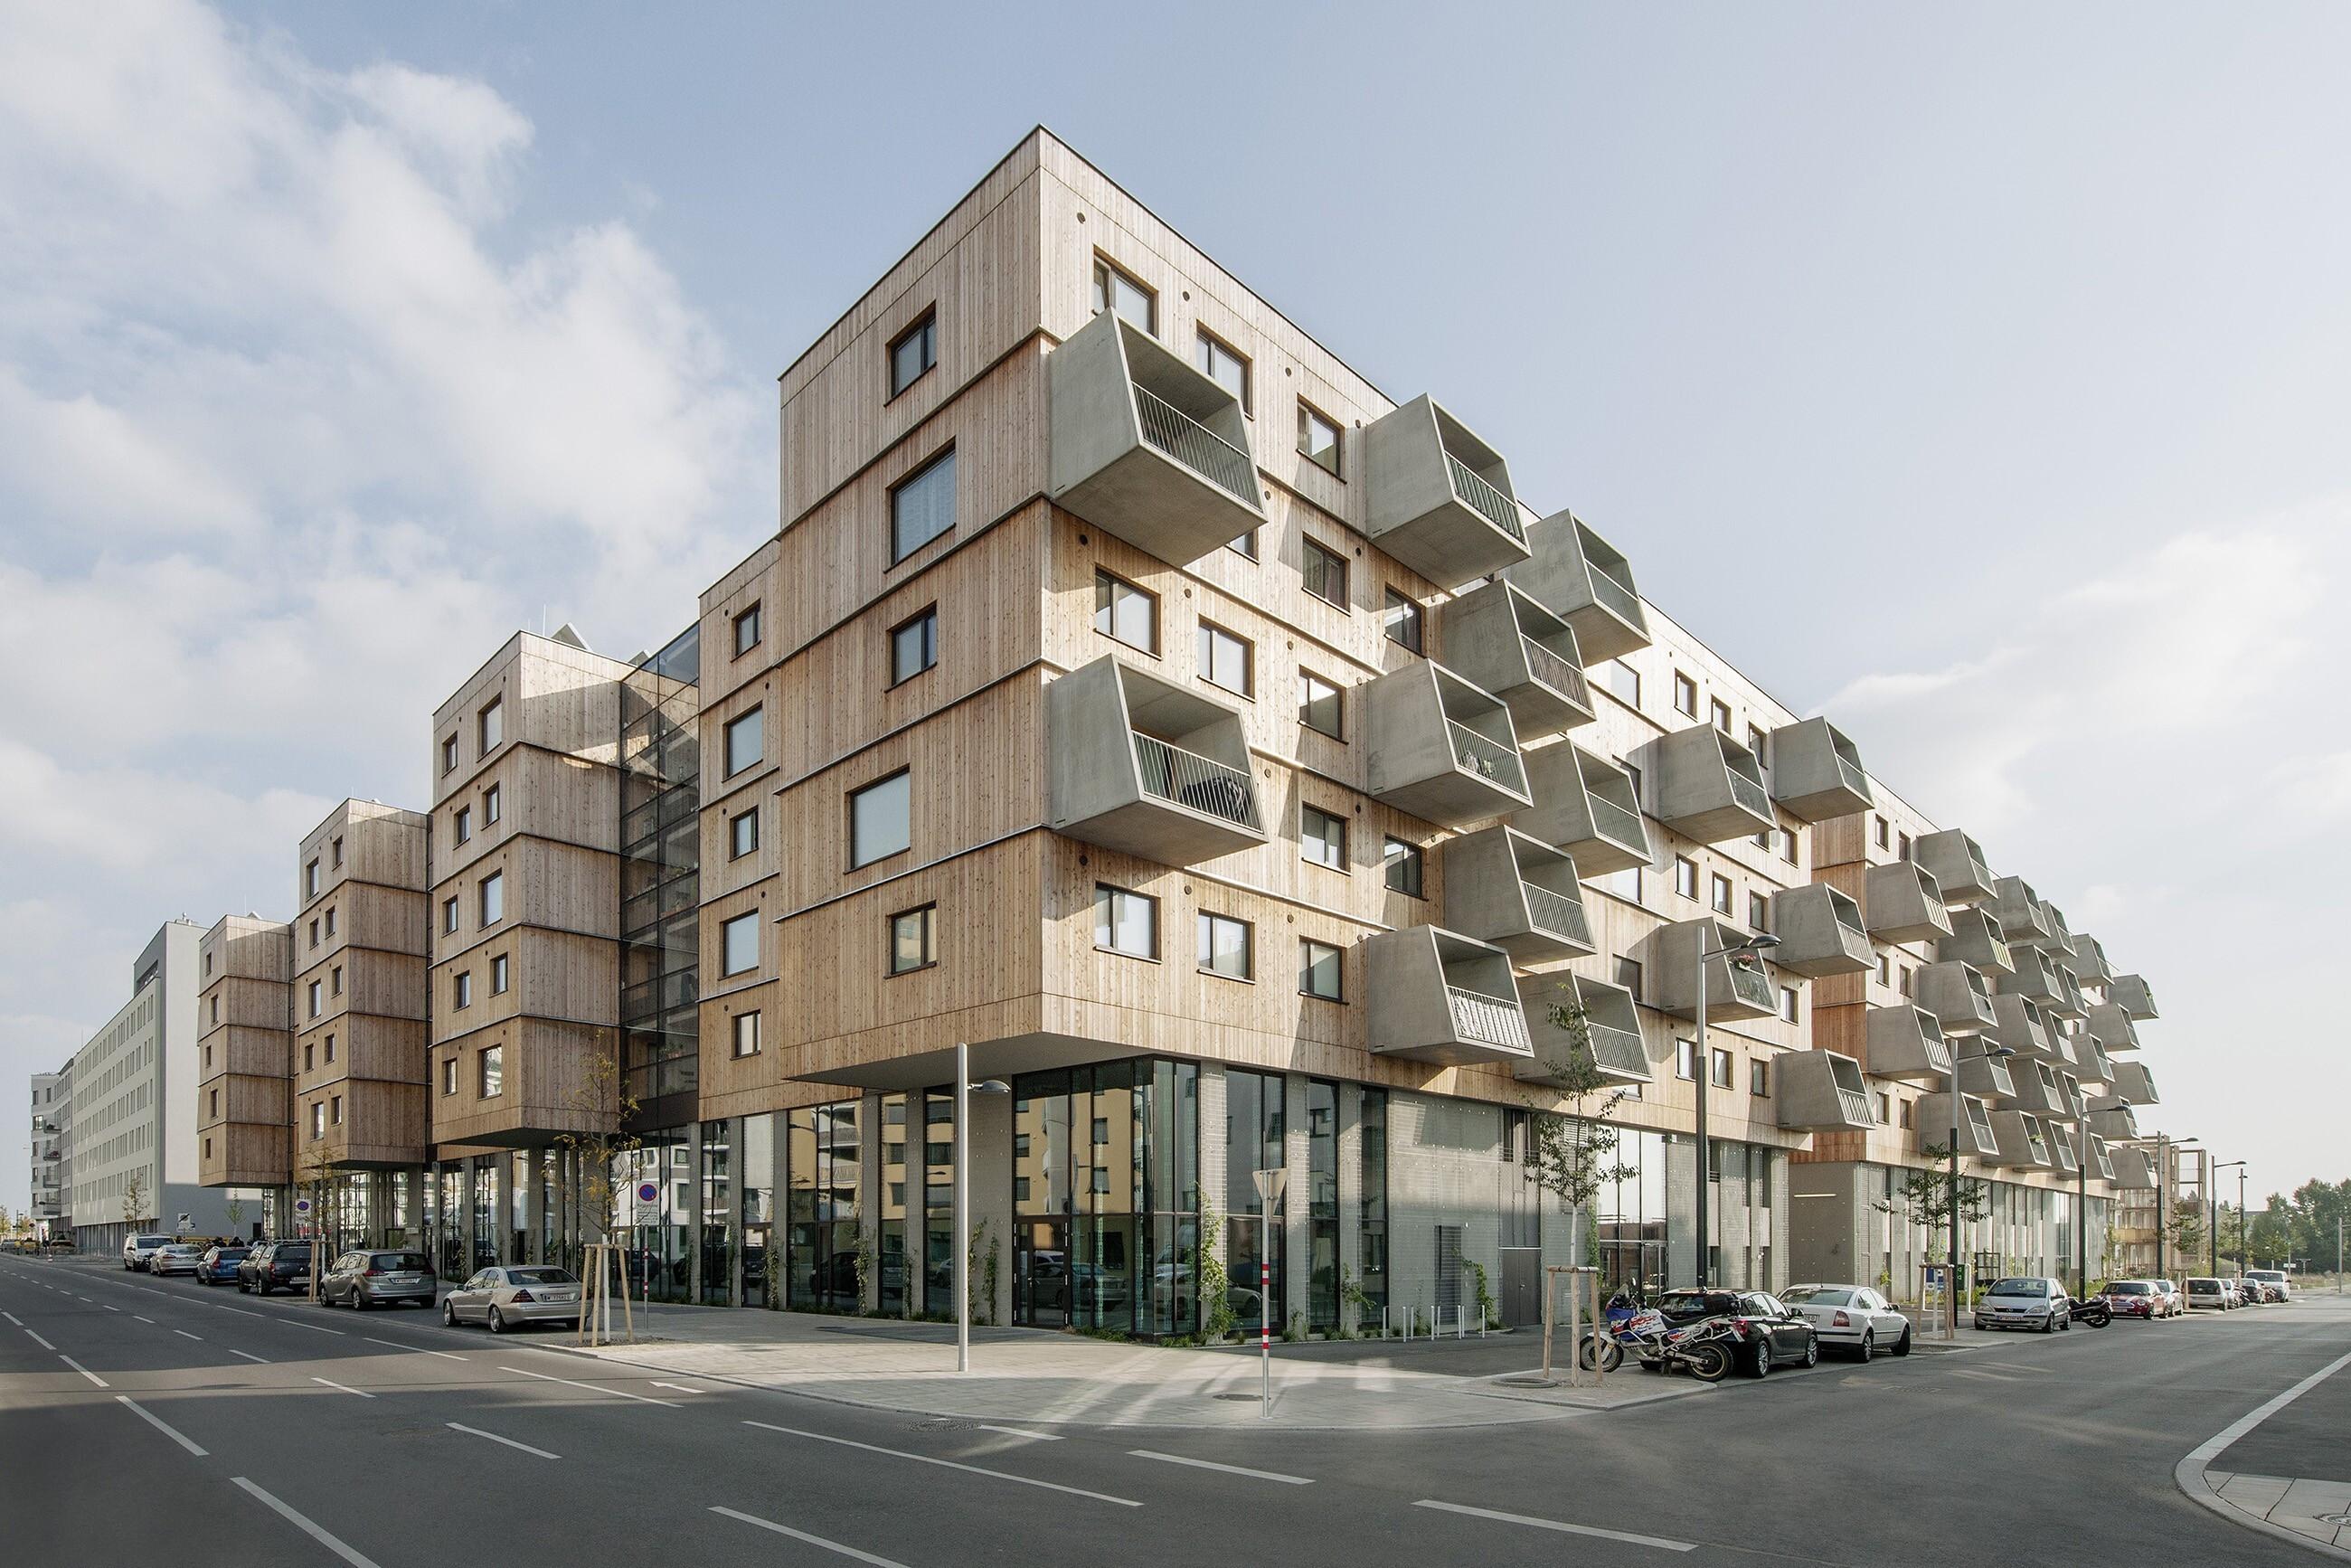 Berger + Parkkinen Architekten